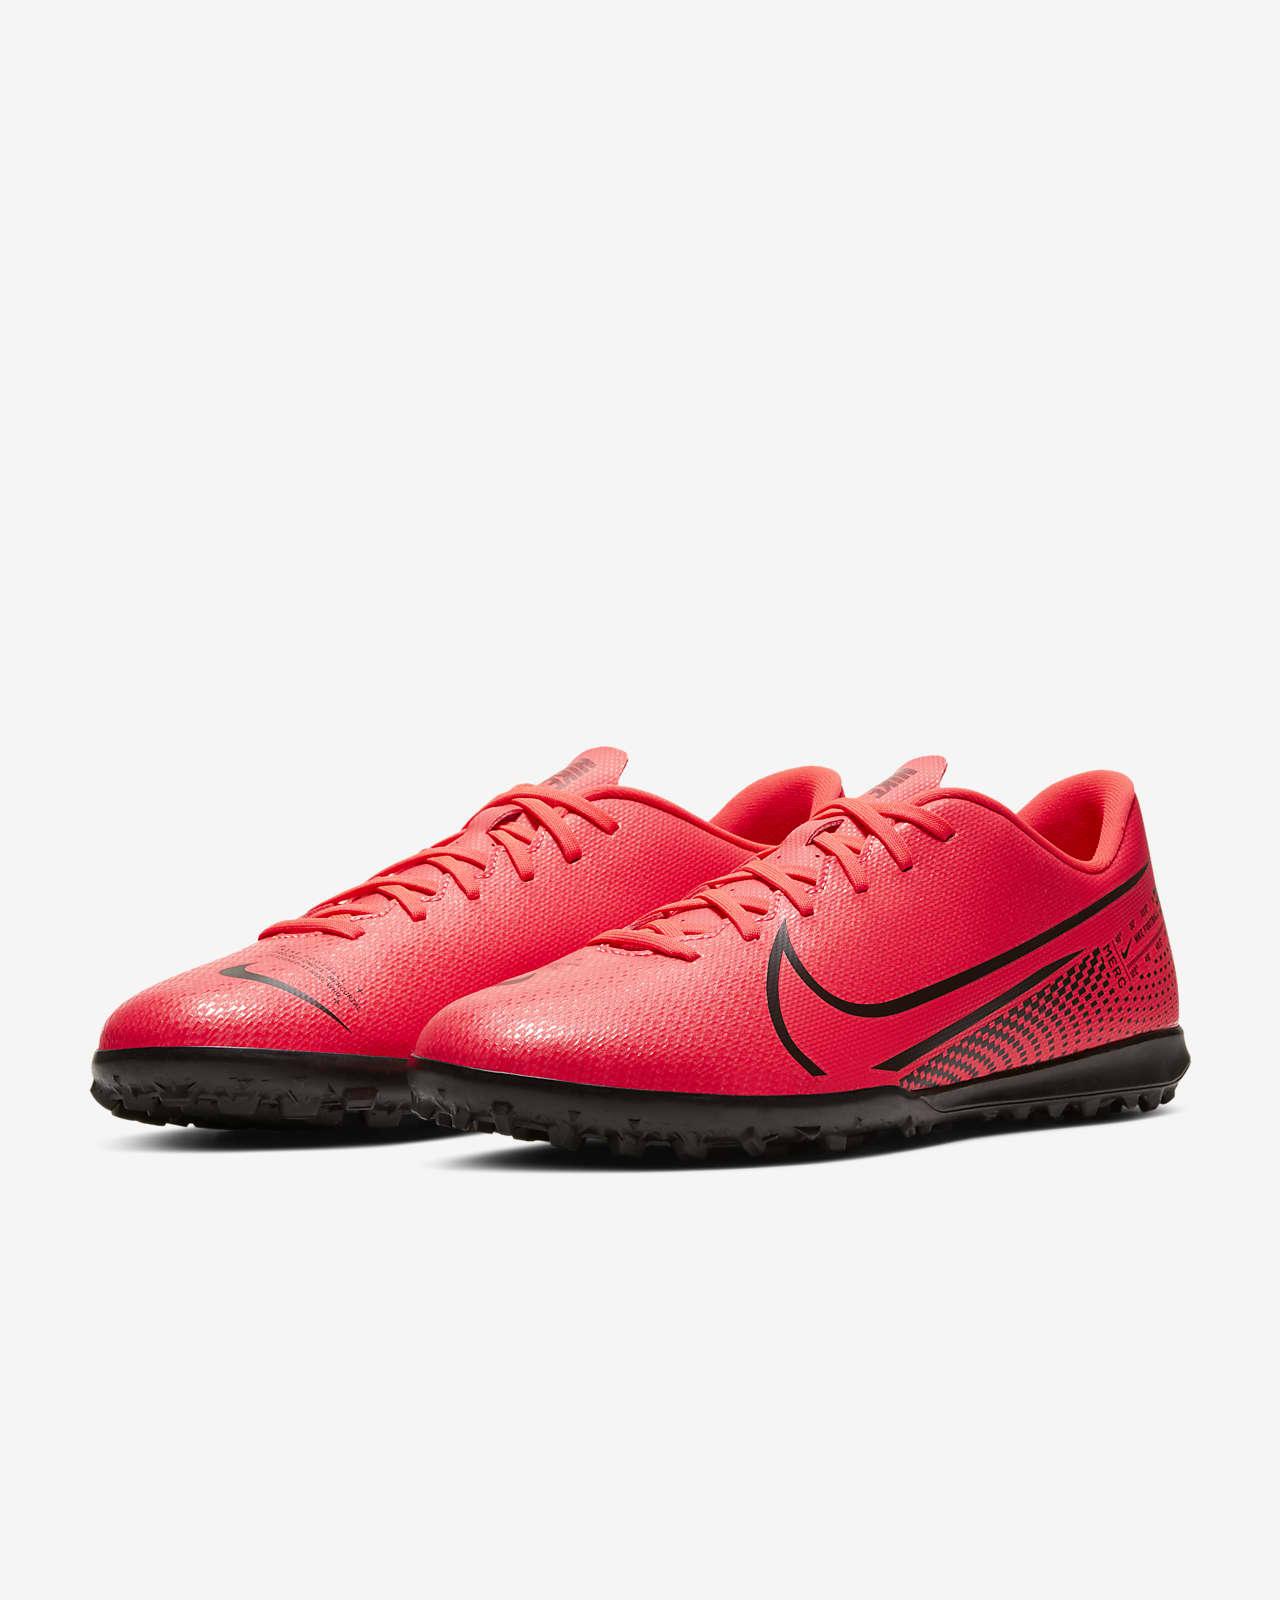 retroceder daño Banzai  Nike Mercurial Vapor 13 Club TF Artificial-Turf Football Shoe. Nike ID